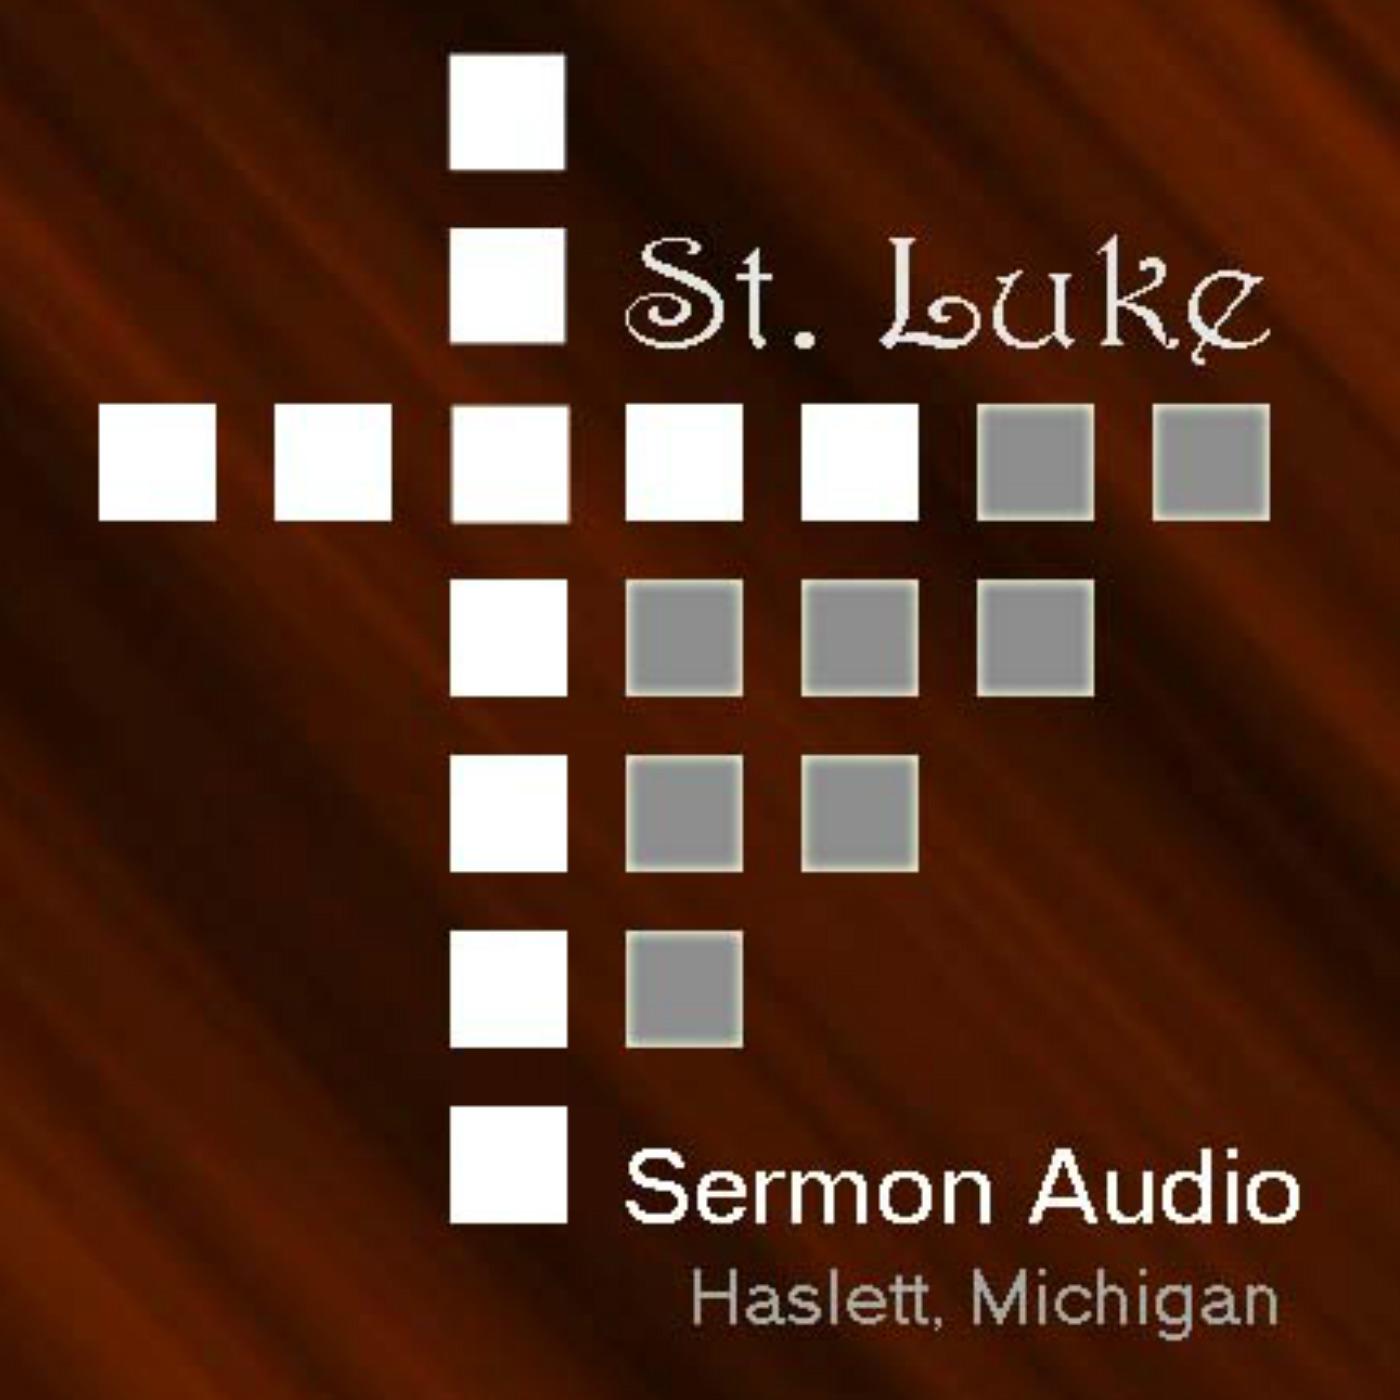 Sermons -  St. Luke, Haslett